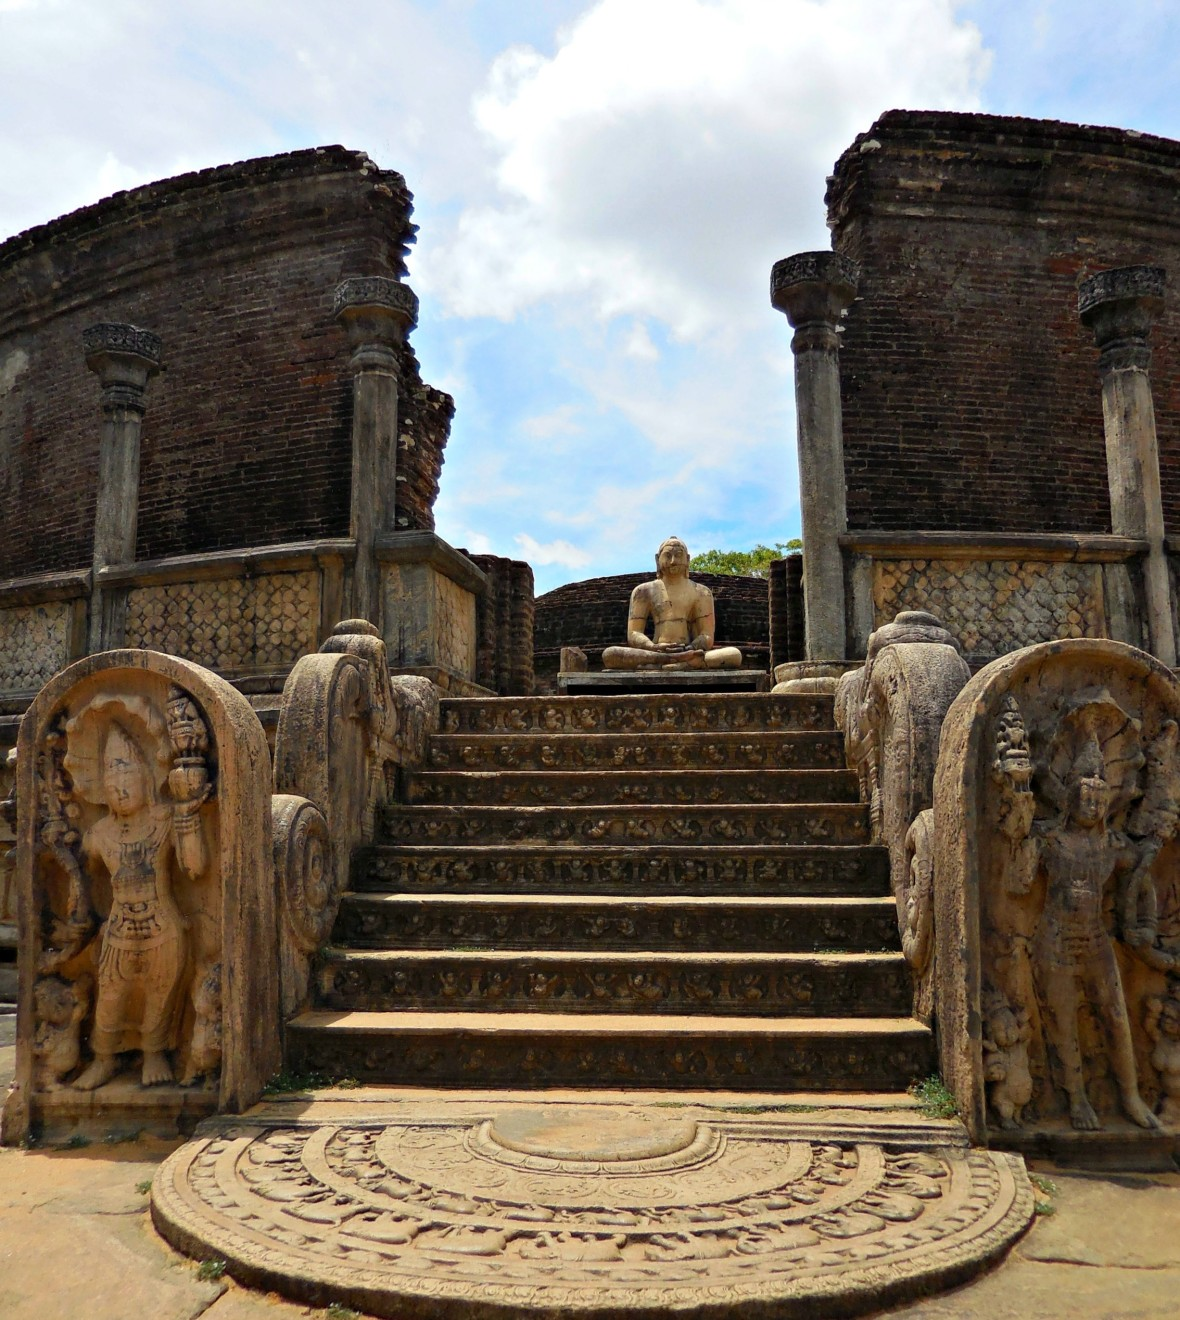 Sri Lanka - Polonnaruva (1)